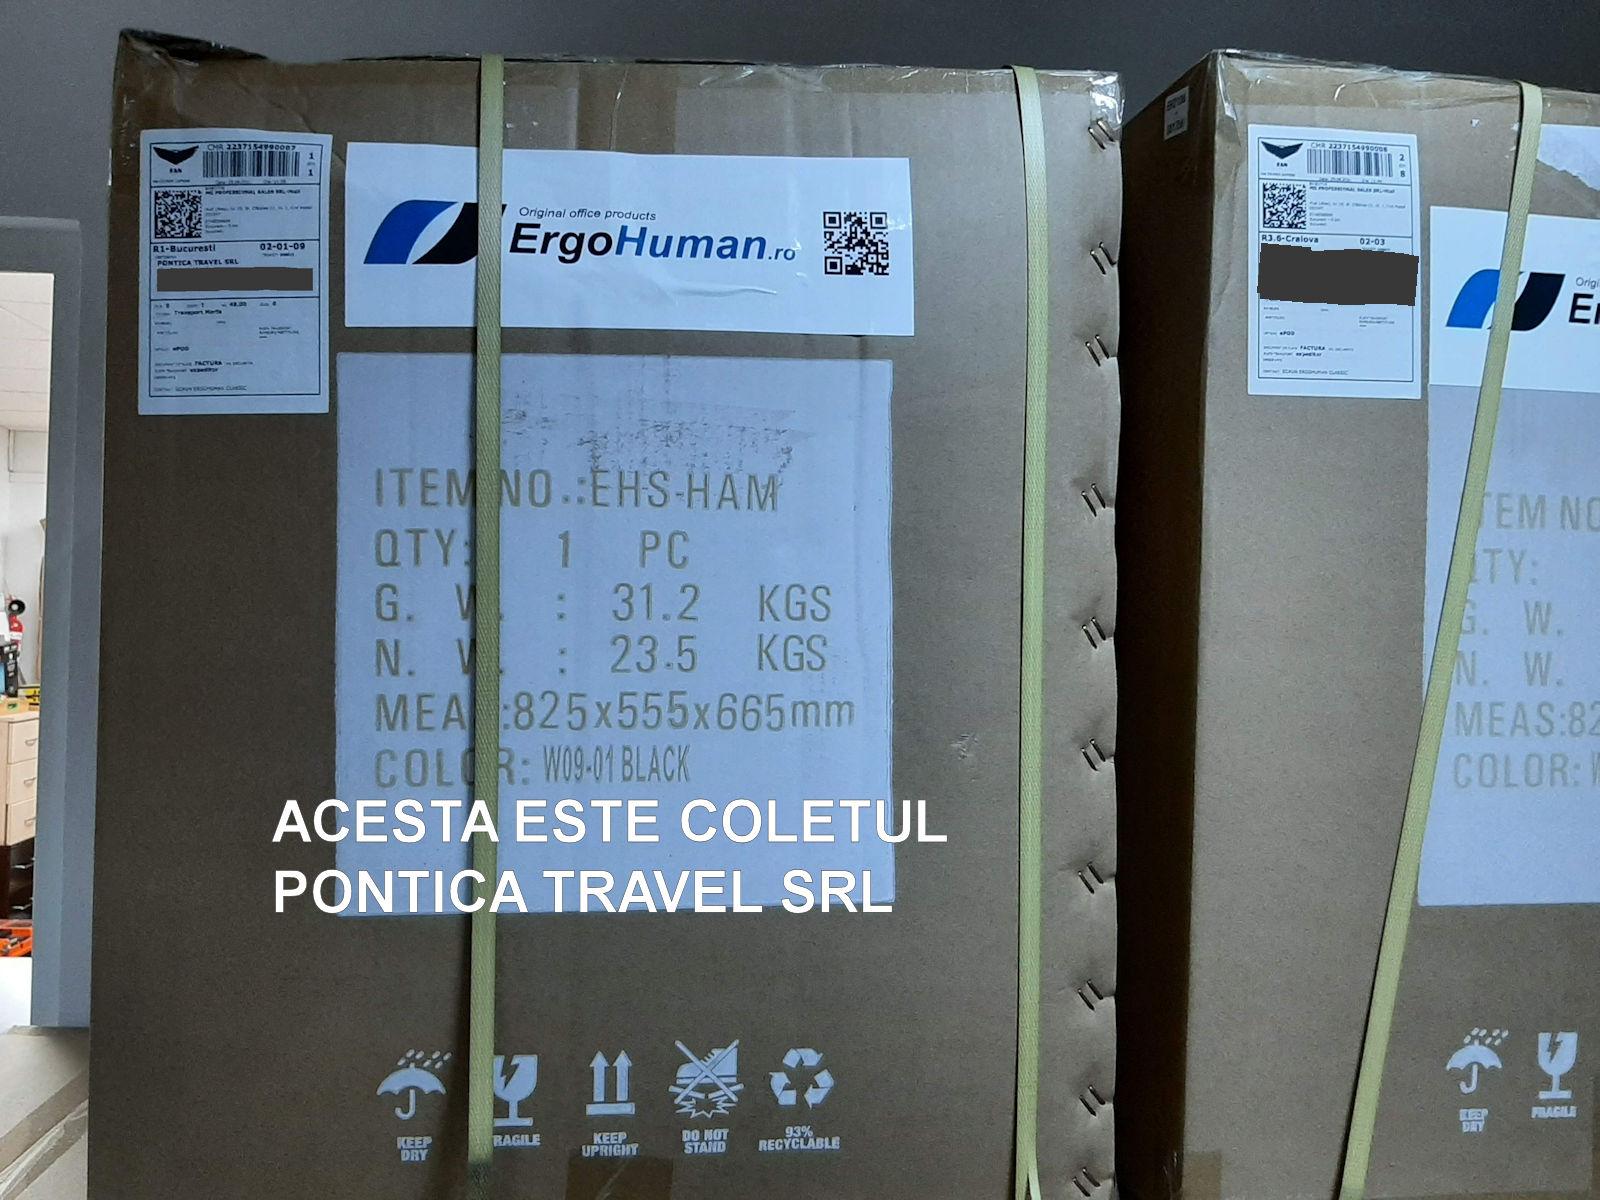 Colet Pontica Travel SRL